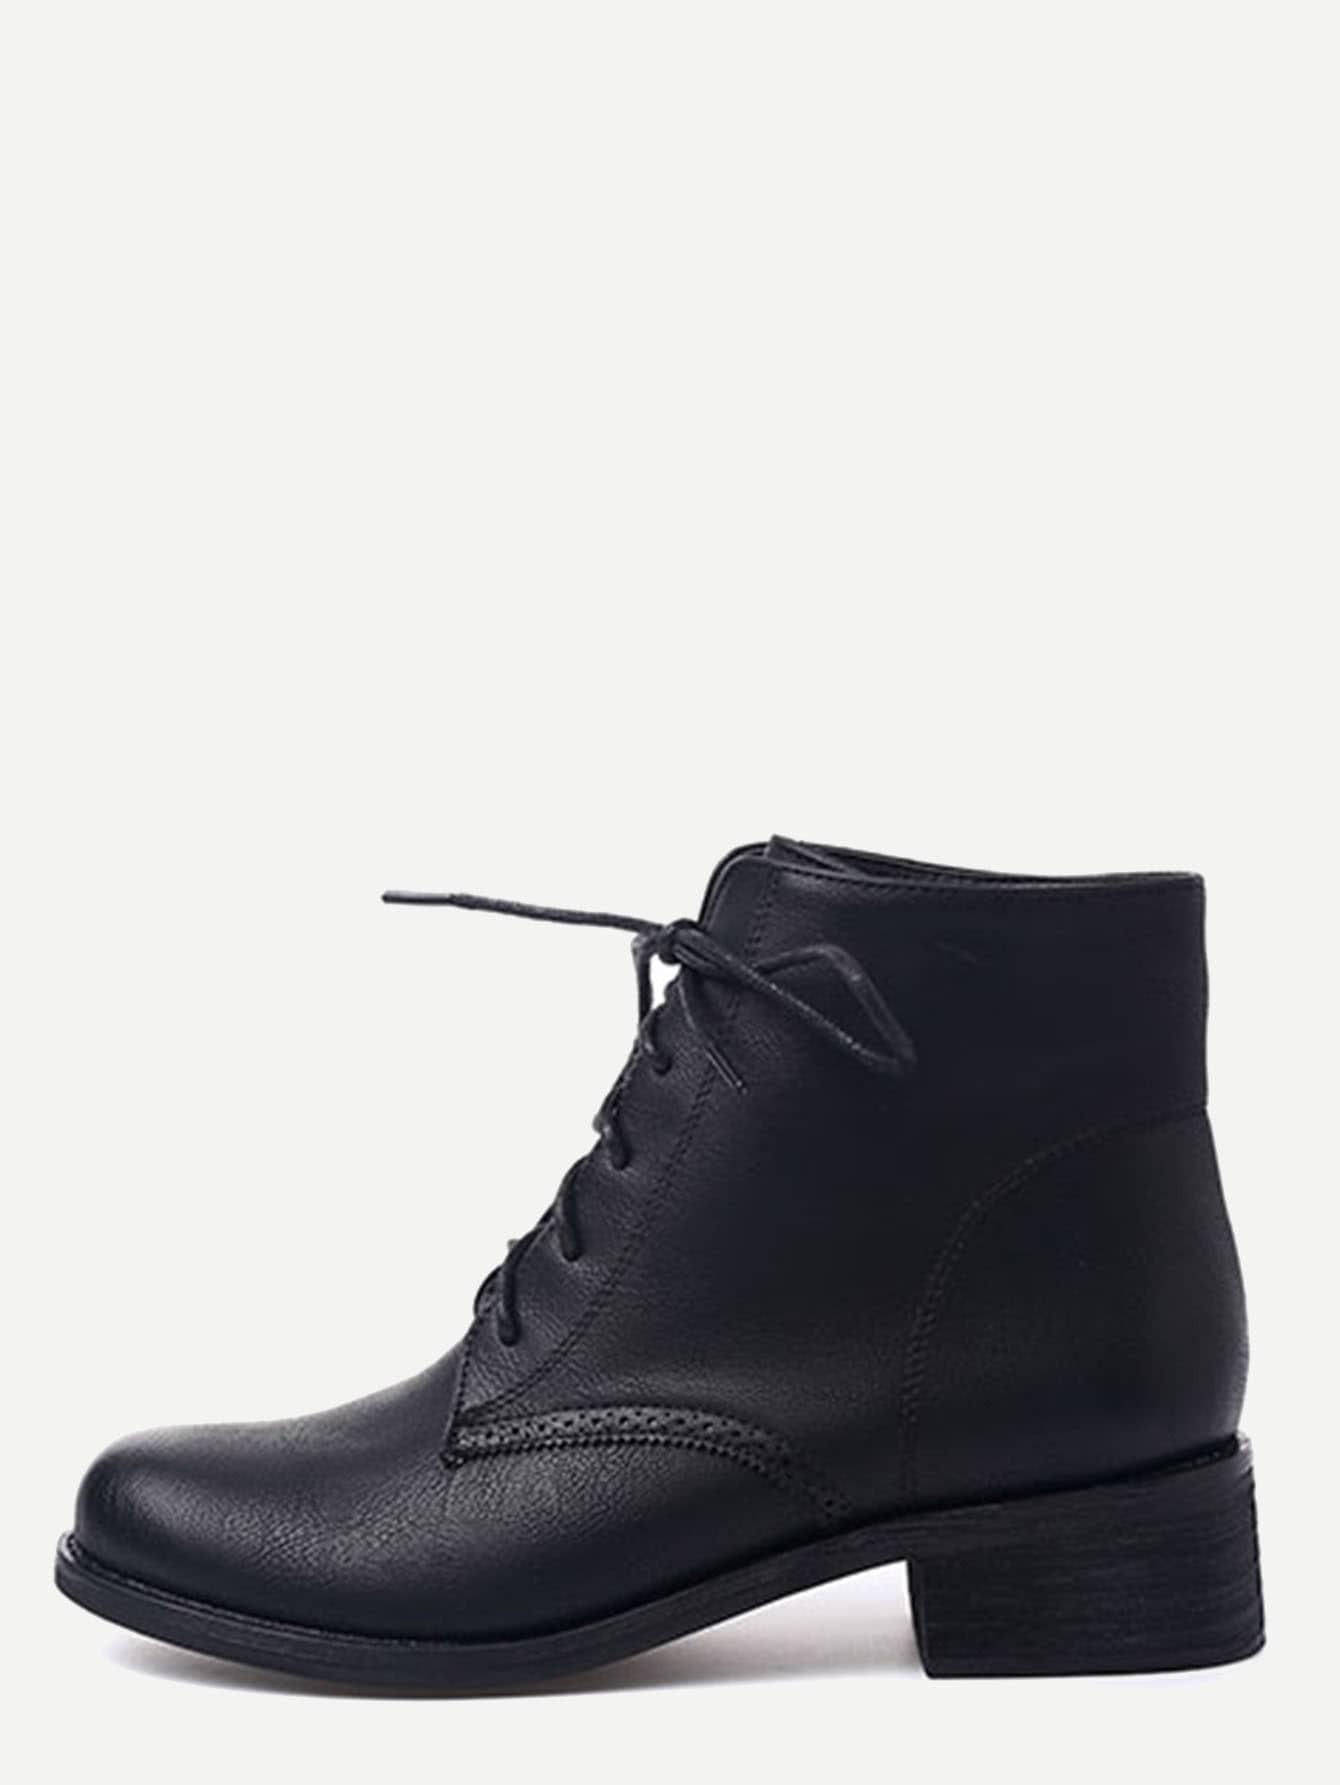 shoes161027807_2